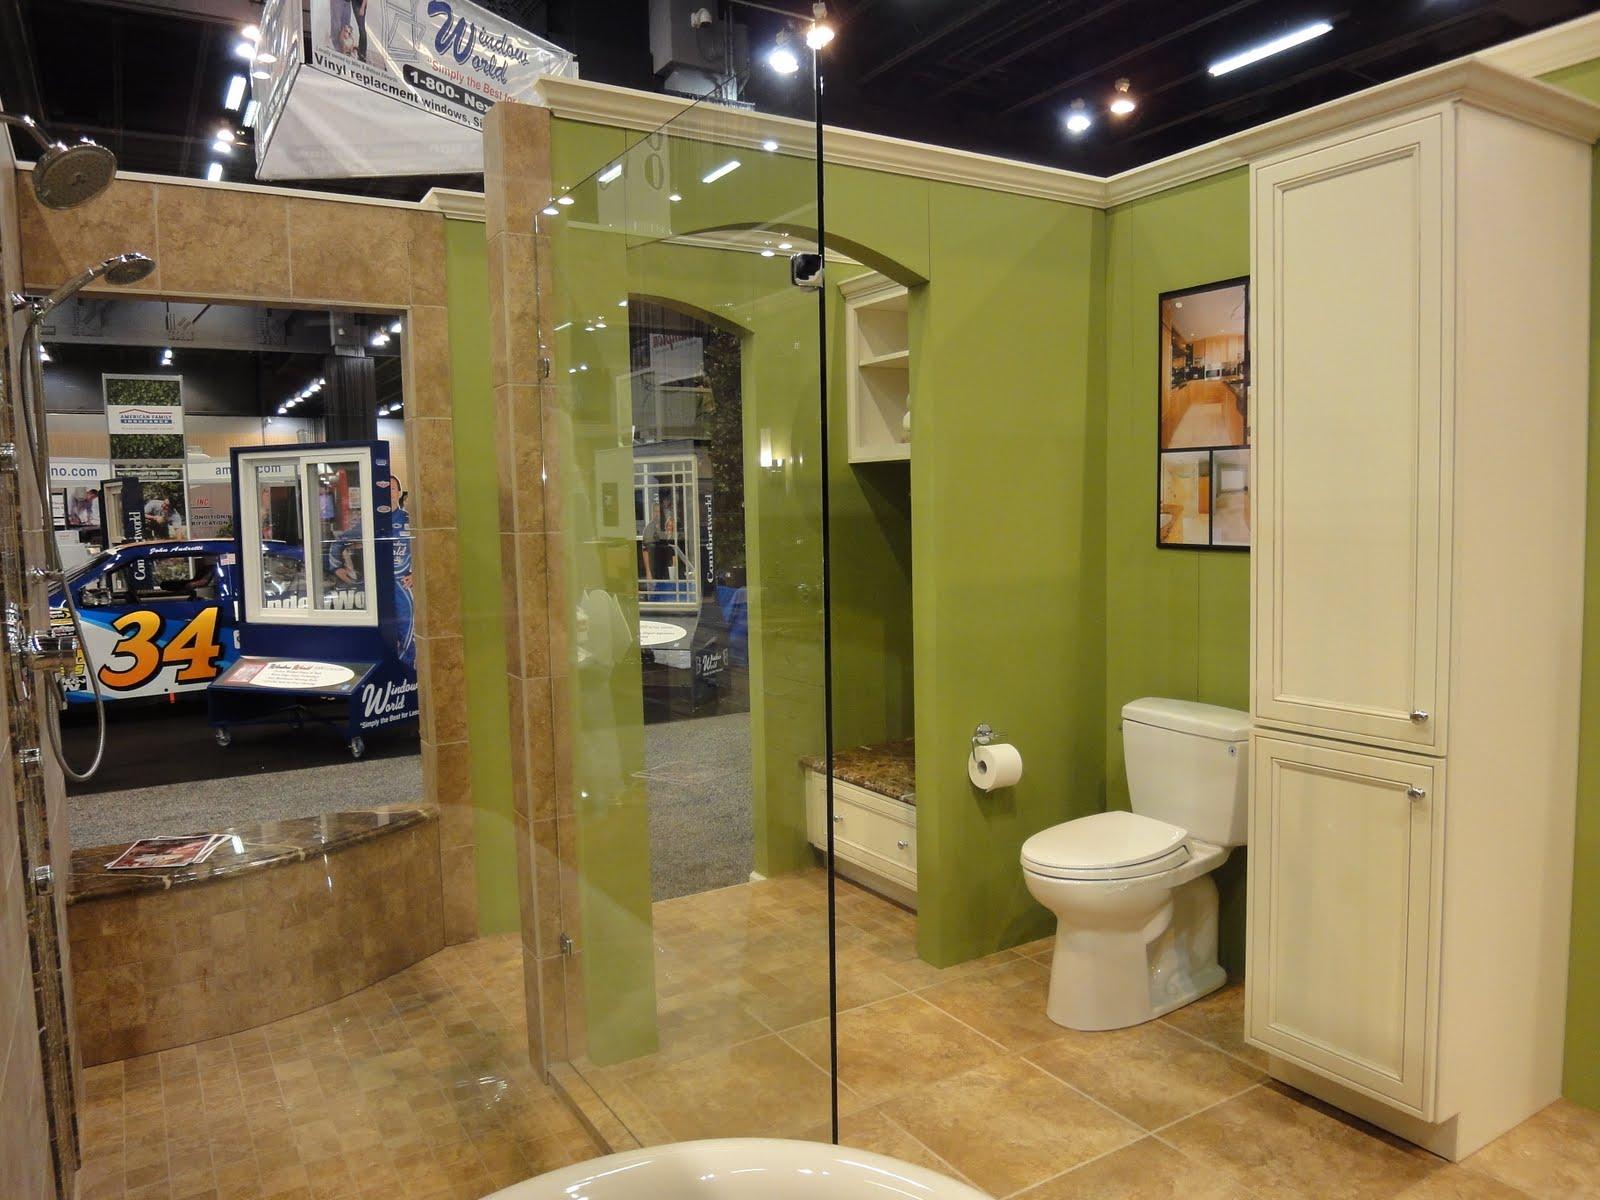 Csi Kitchen Bath News Best In Show